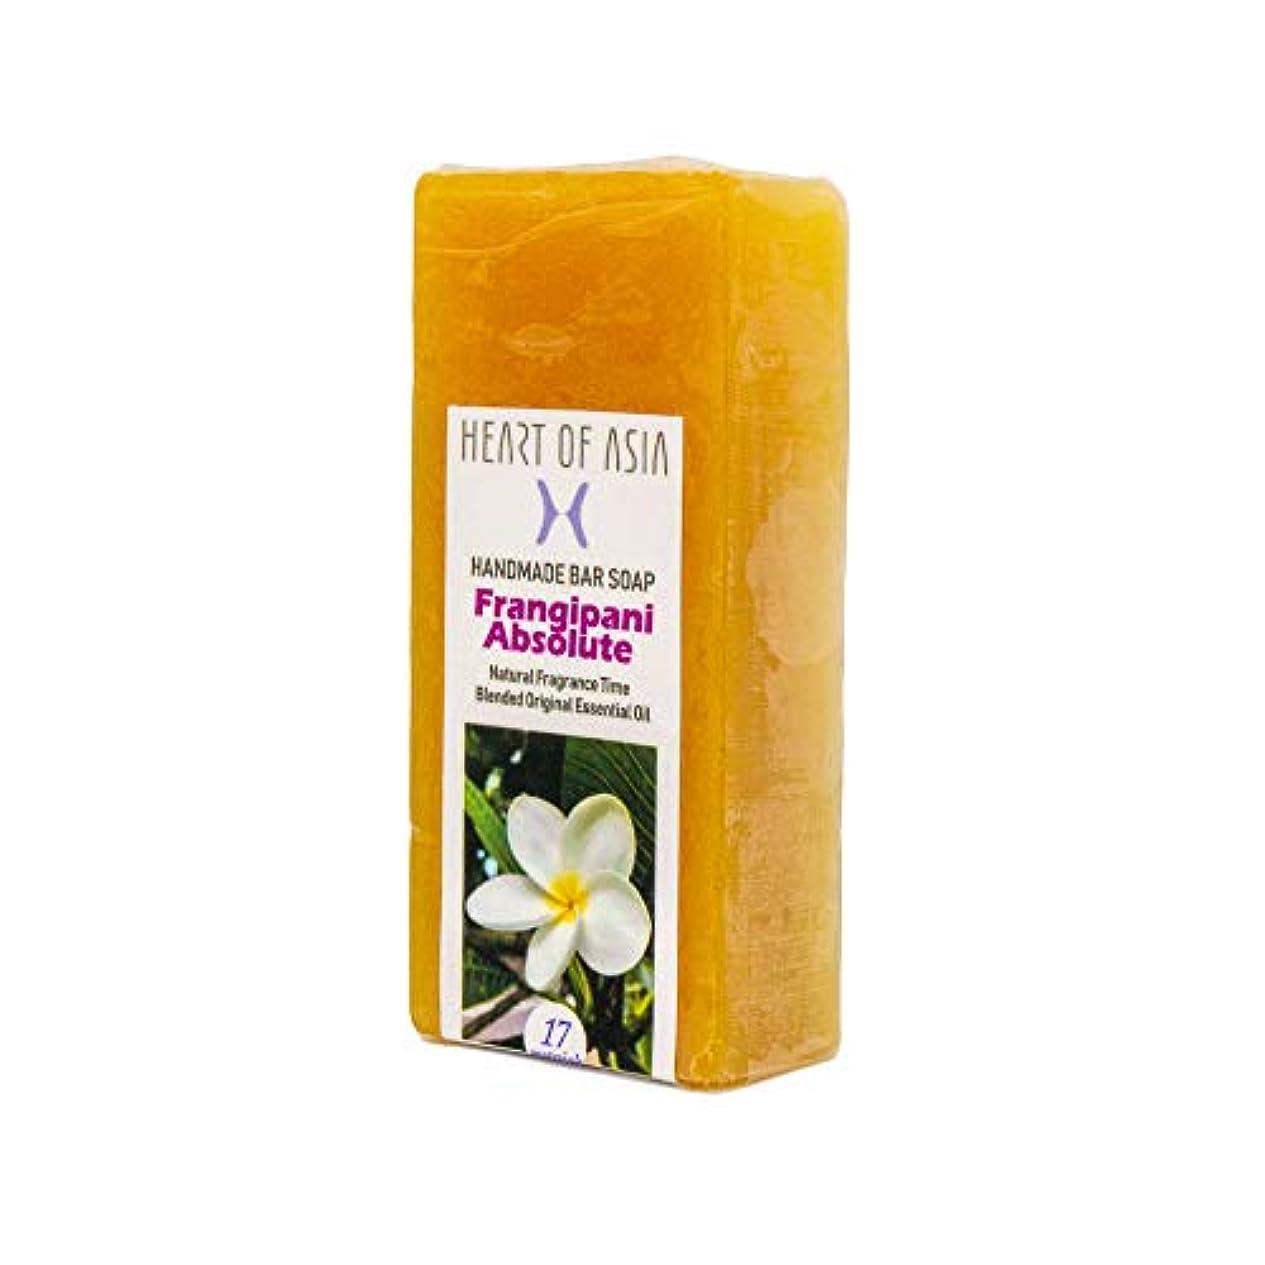 カウントアップ熟考する免除香水のようなフレグランス石けん HANDMADE BAR SOAP ~Frangipani Absolute~ (単品)